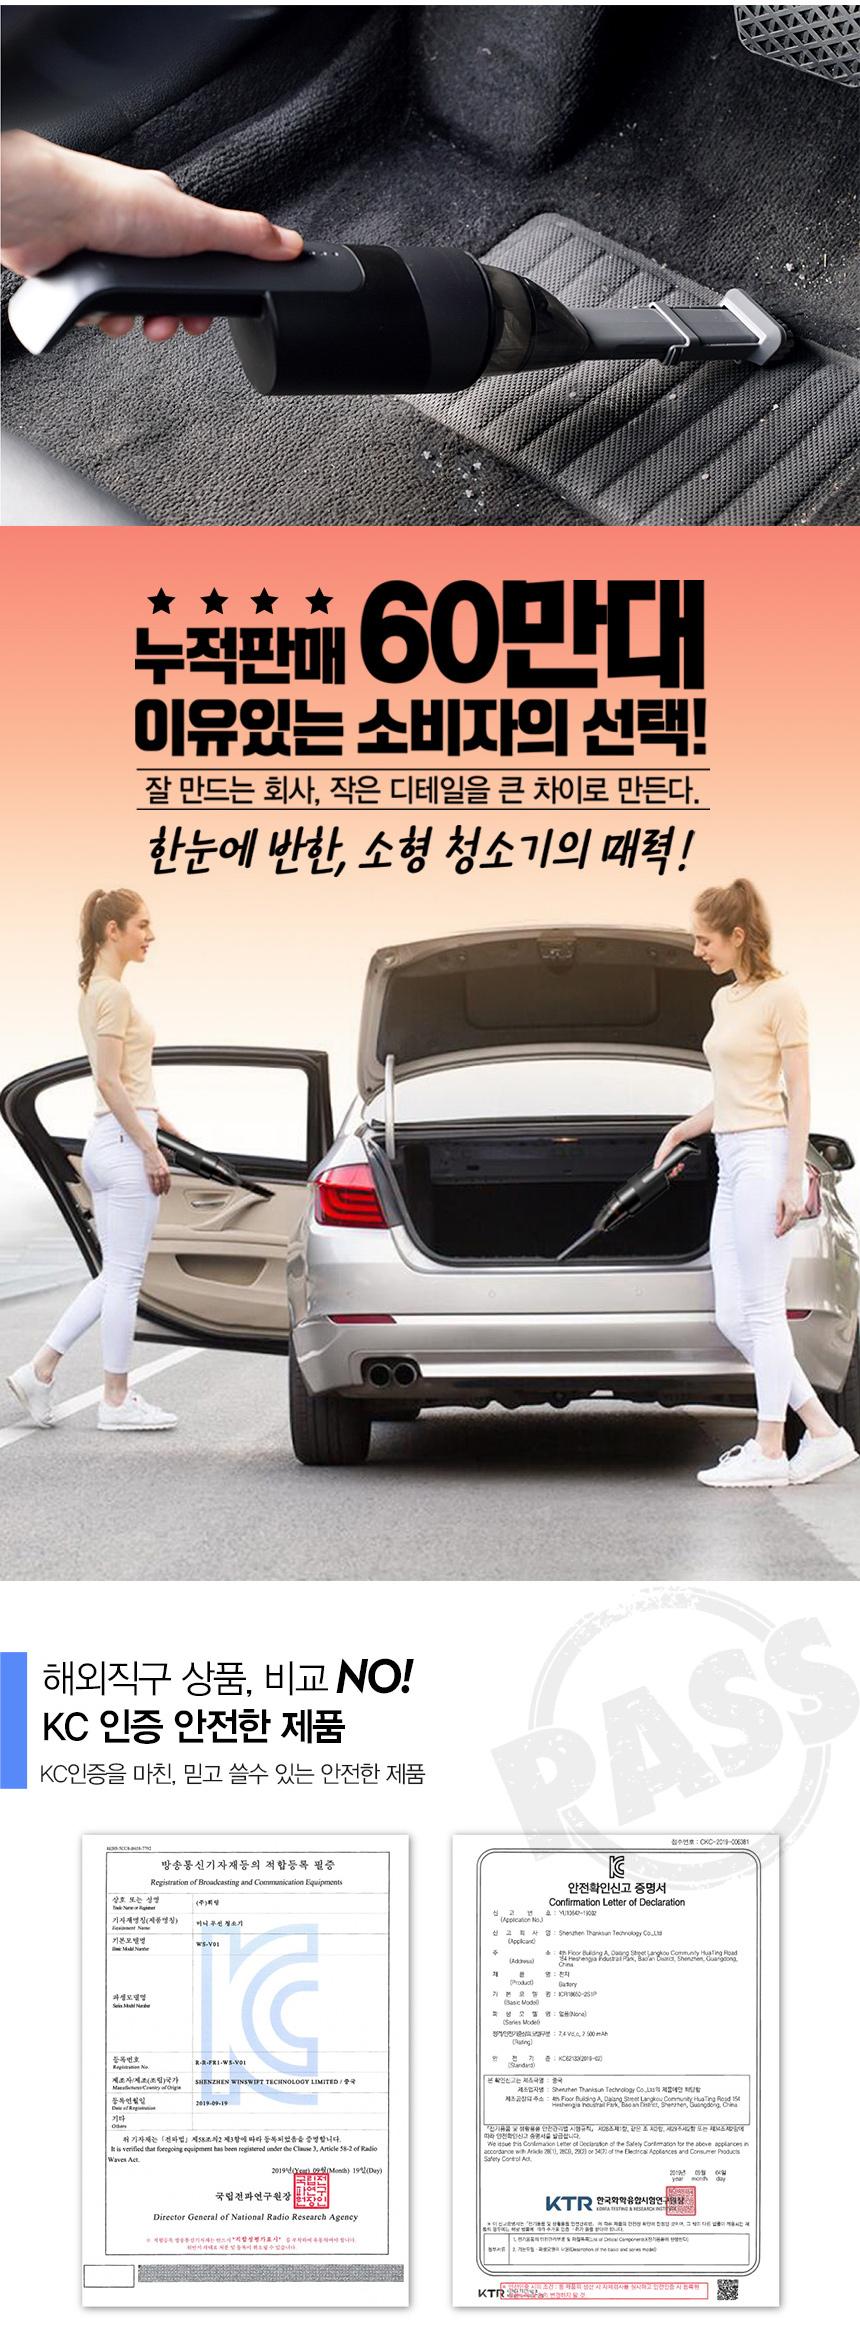 자동차 무선 미니 진공 차량용 휴대용 청소기 - 훠링, 63,000원, 자동차용품, 기타용품